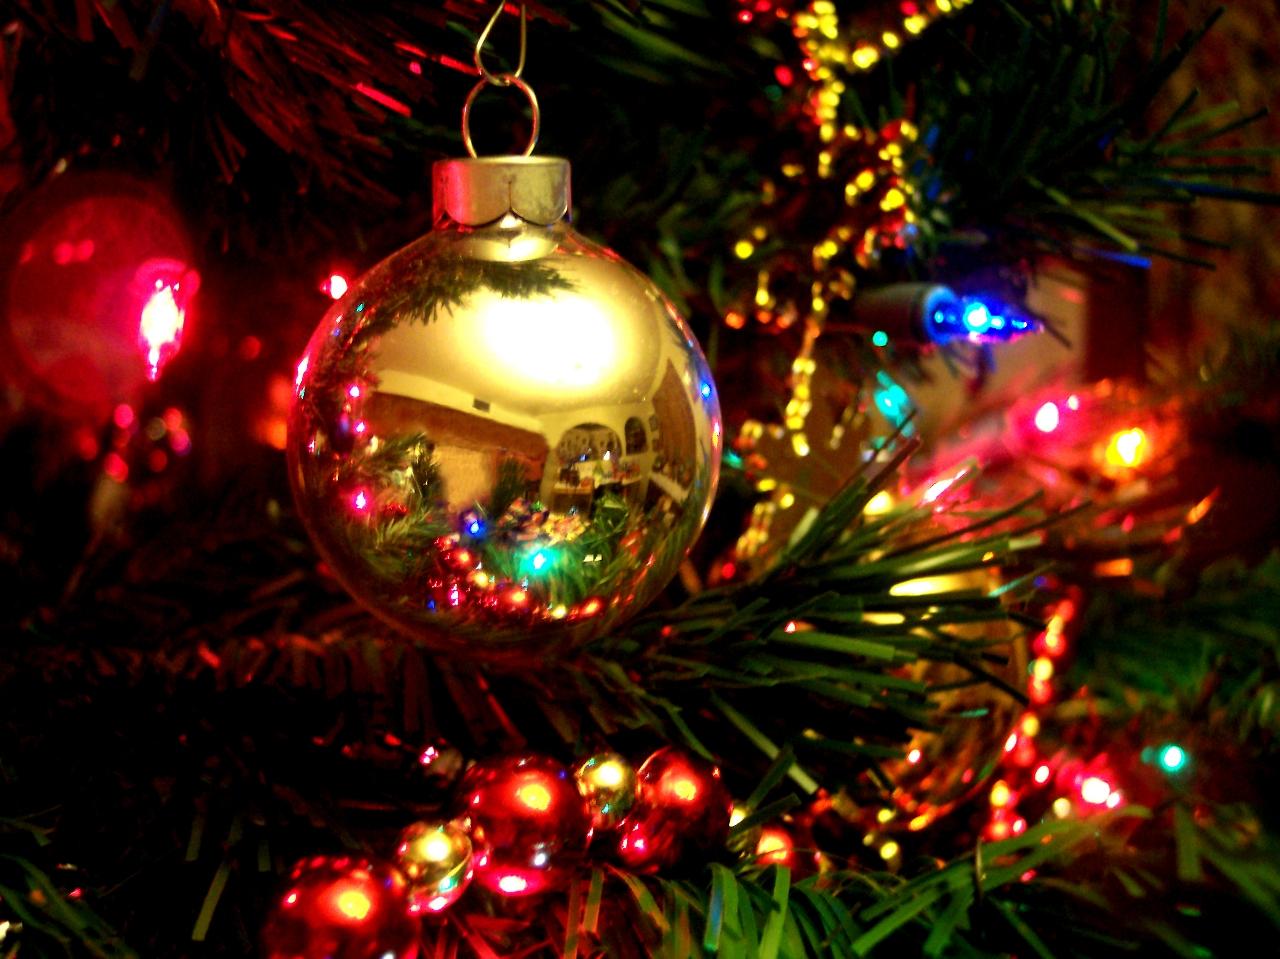 Sfondi di natale per il desktop immagini for Natale immagini per desktop